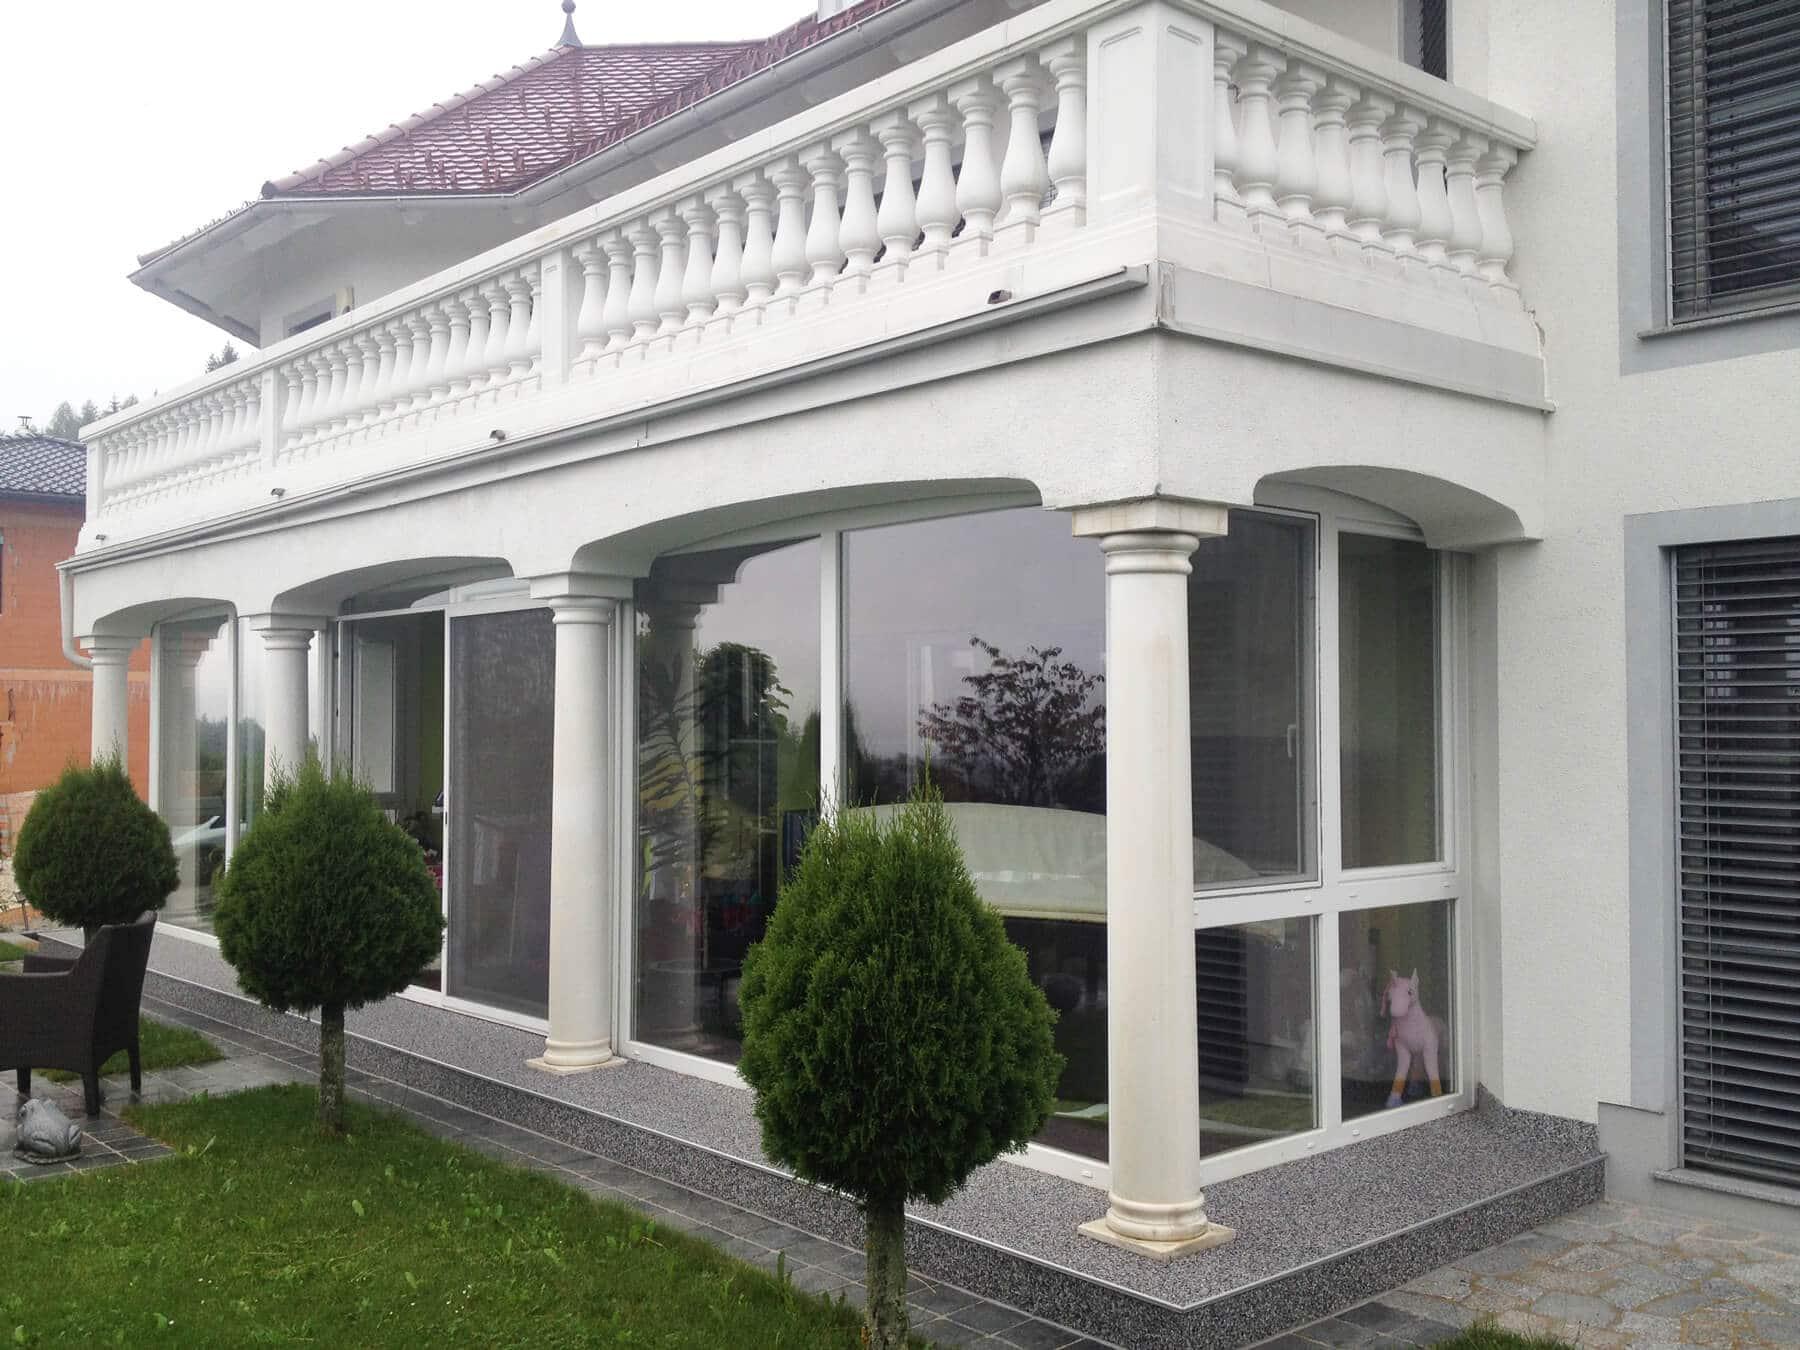 Terrasse als Wohnraum nutzen